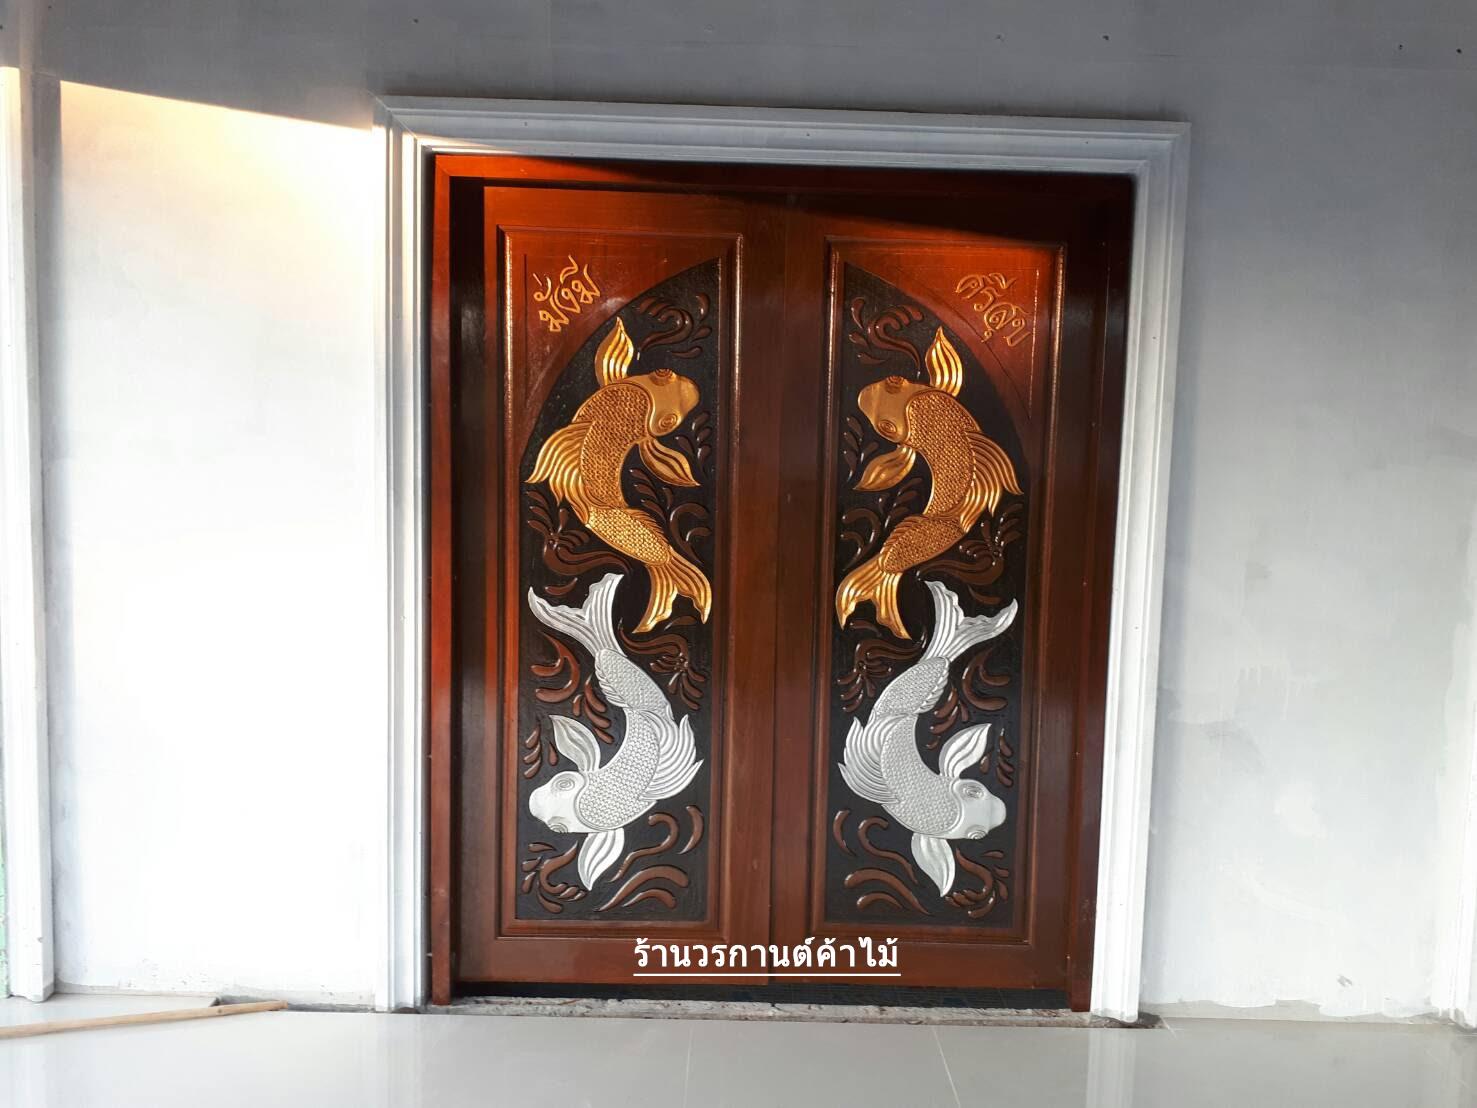 ประตูไม้สักบานคู่แกะปลาเงิน-ทอง รหัสAAA26